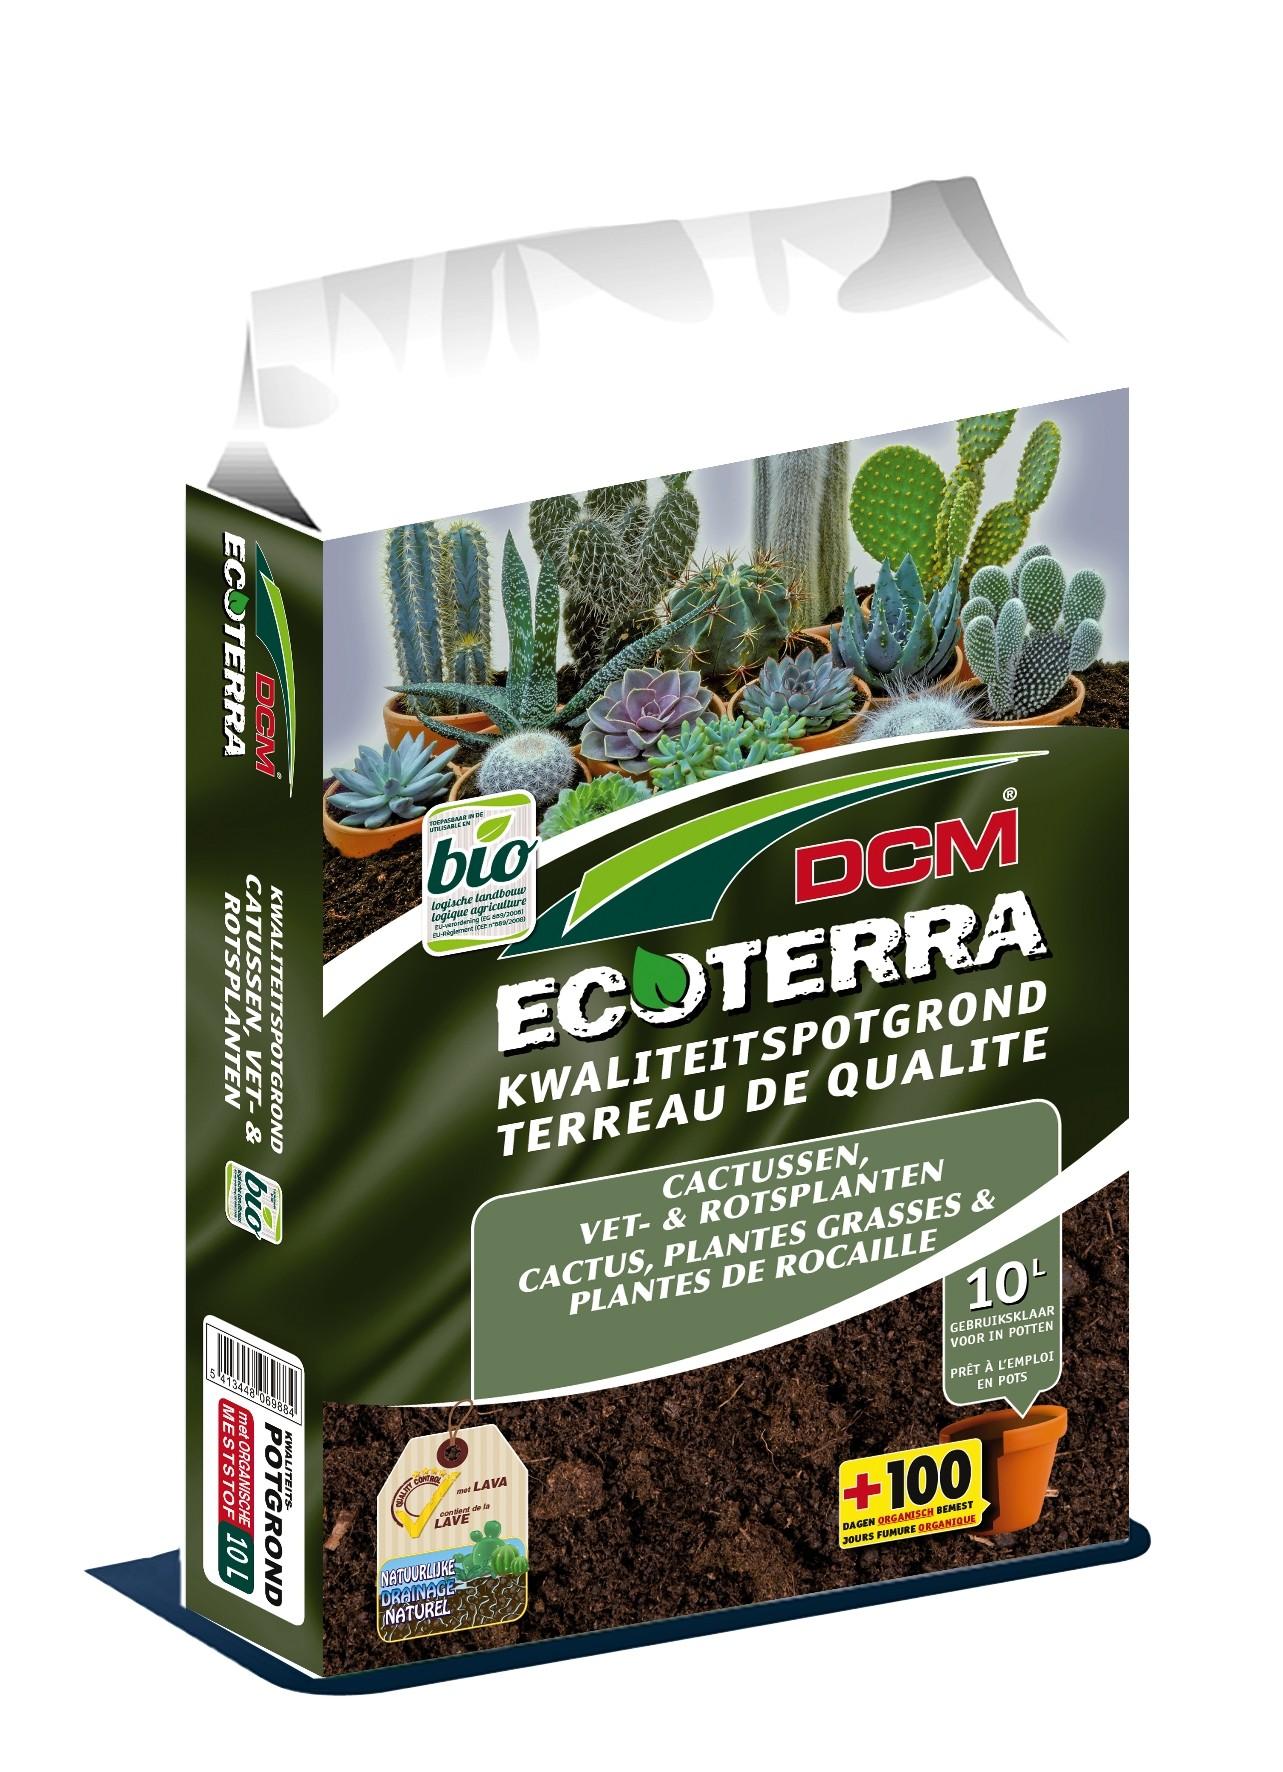 Potgrond voor cactussen, vet- en rotsplanten